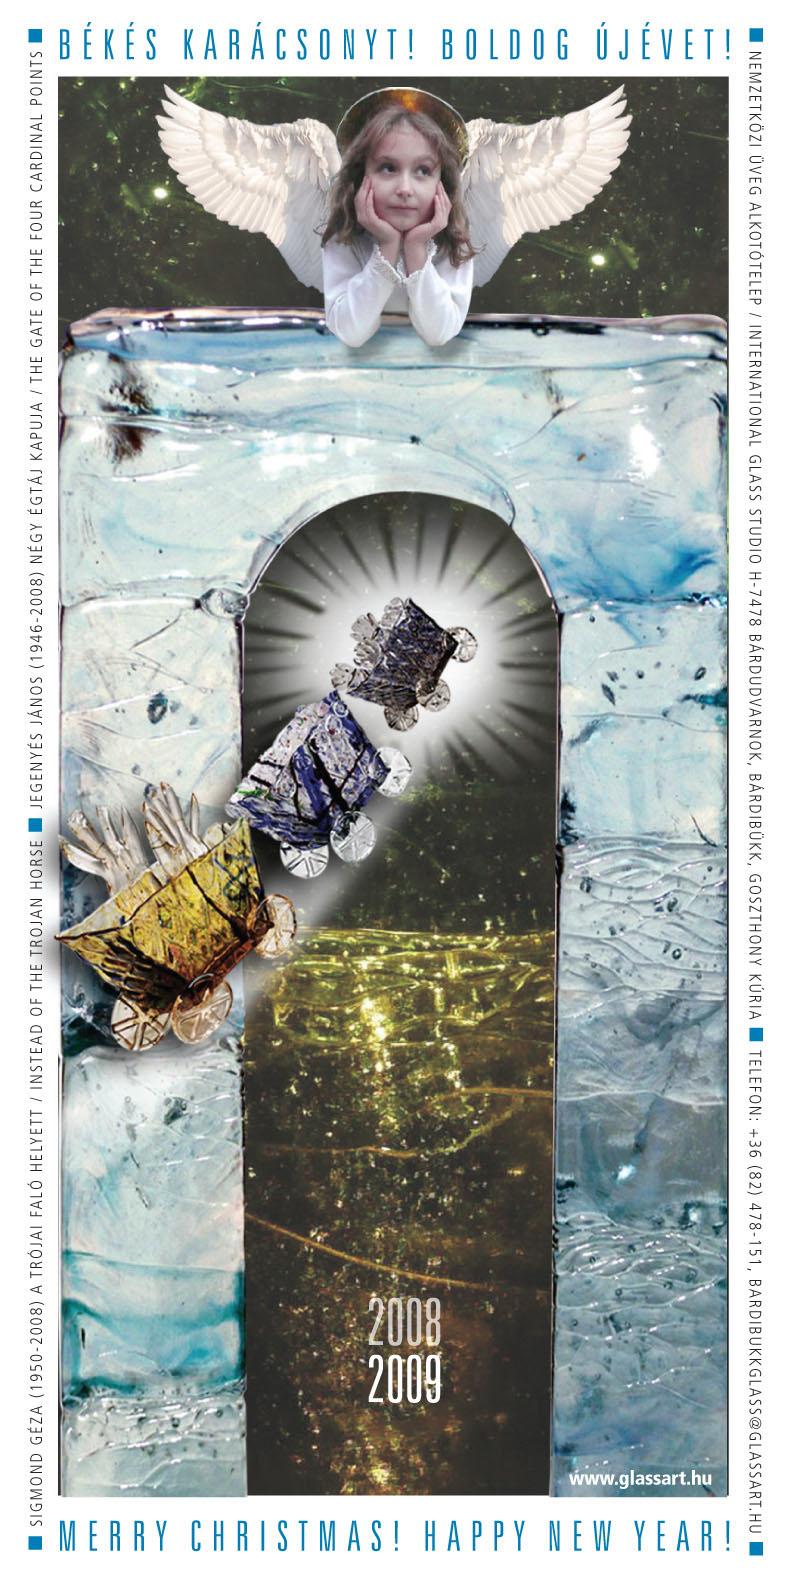 bard_card_2008-09_1.jpg